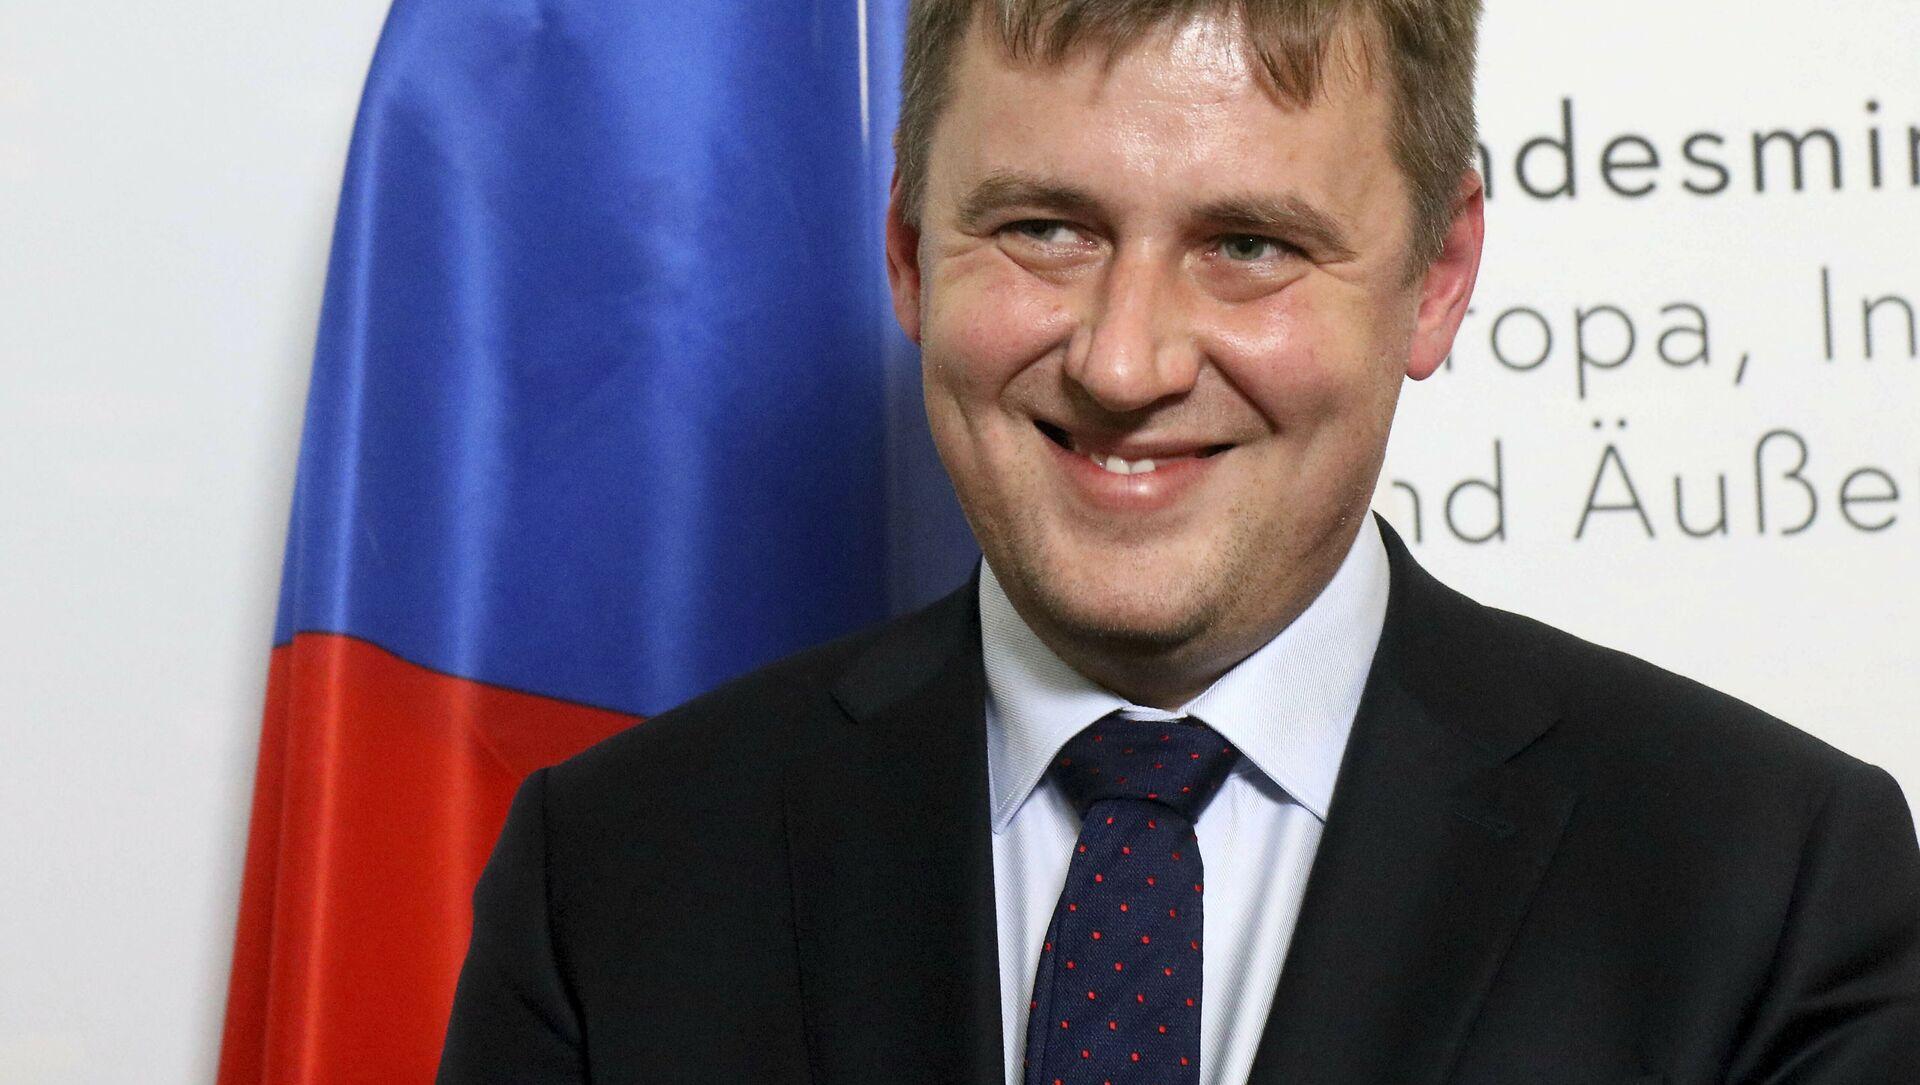 Český ministr zahraničí Tomáš Petříček - Sputnik Česká republika, 1920, 11.04.2021